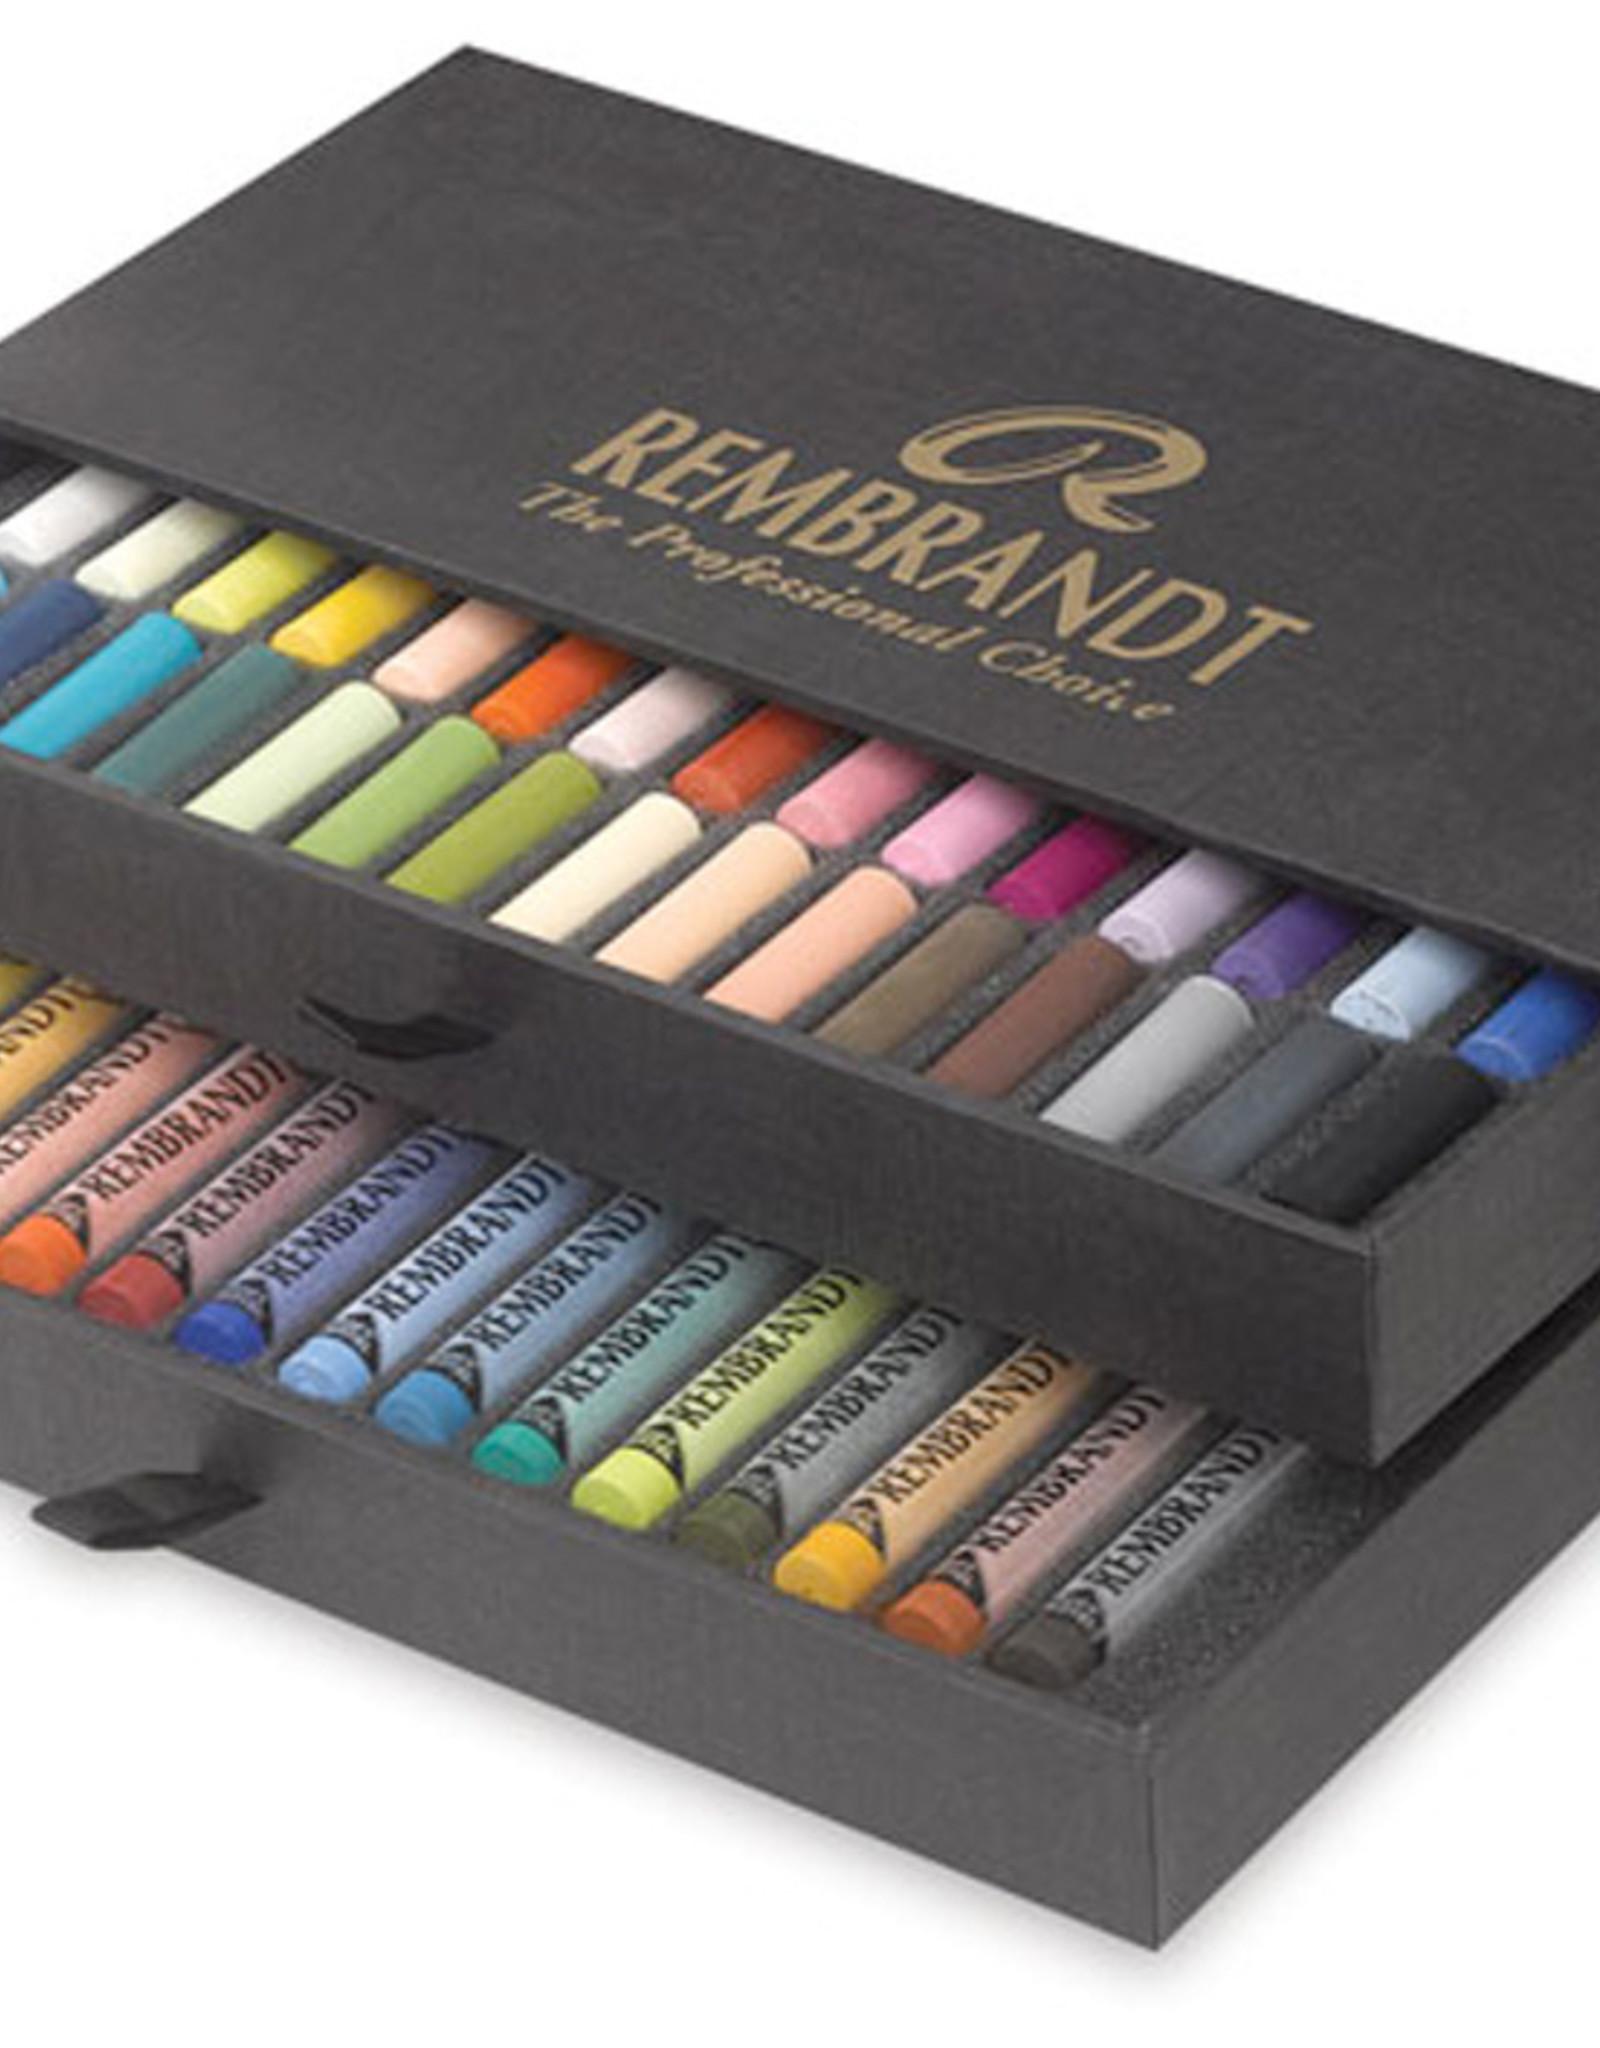 Talens Pastelkrijt Talens Rembrandt topkwaliteitpakket. 15 pastels en 30 halve pastels in stevige zwarte kartonnen doos.